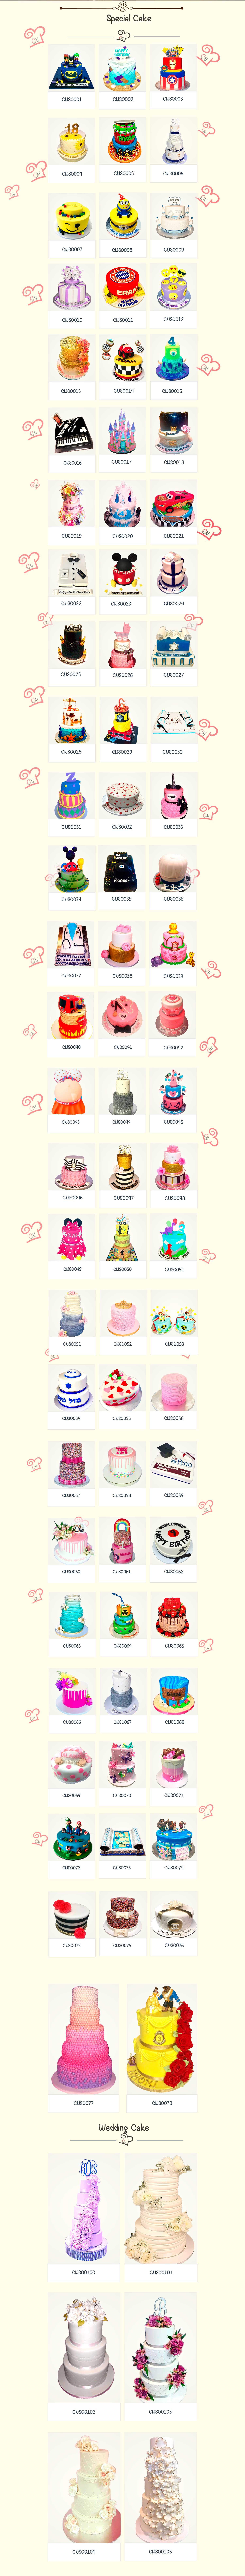 Specialcake-chefness-kosher-bakery